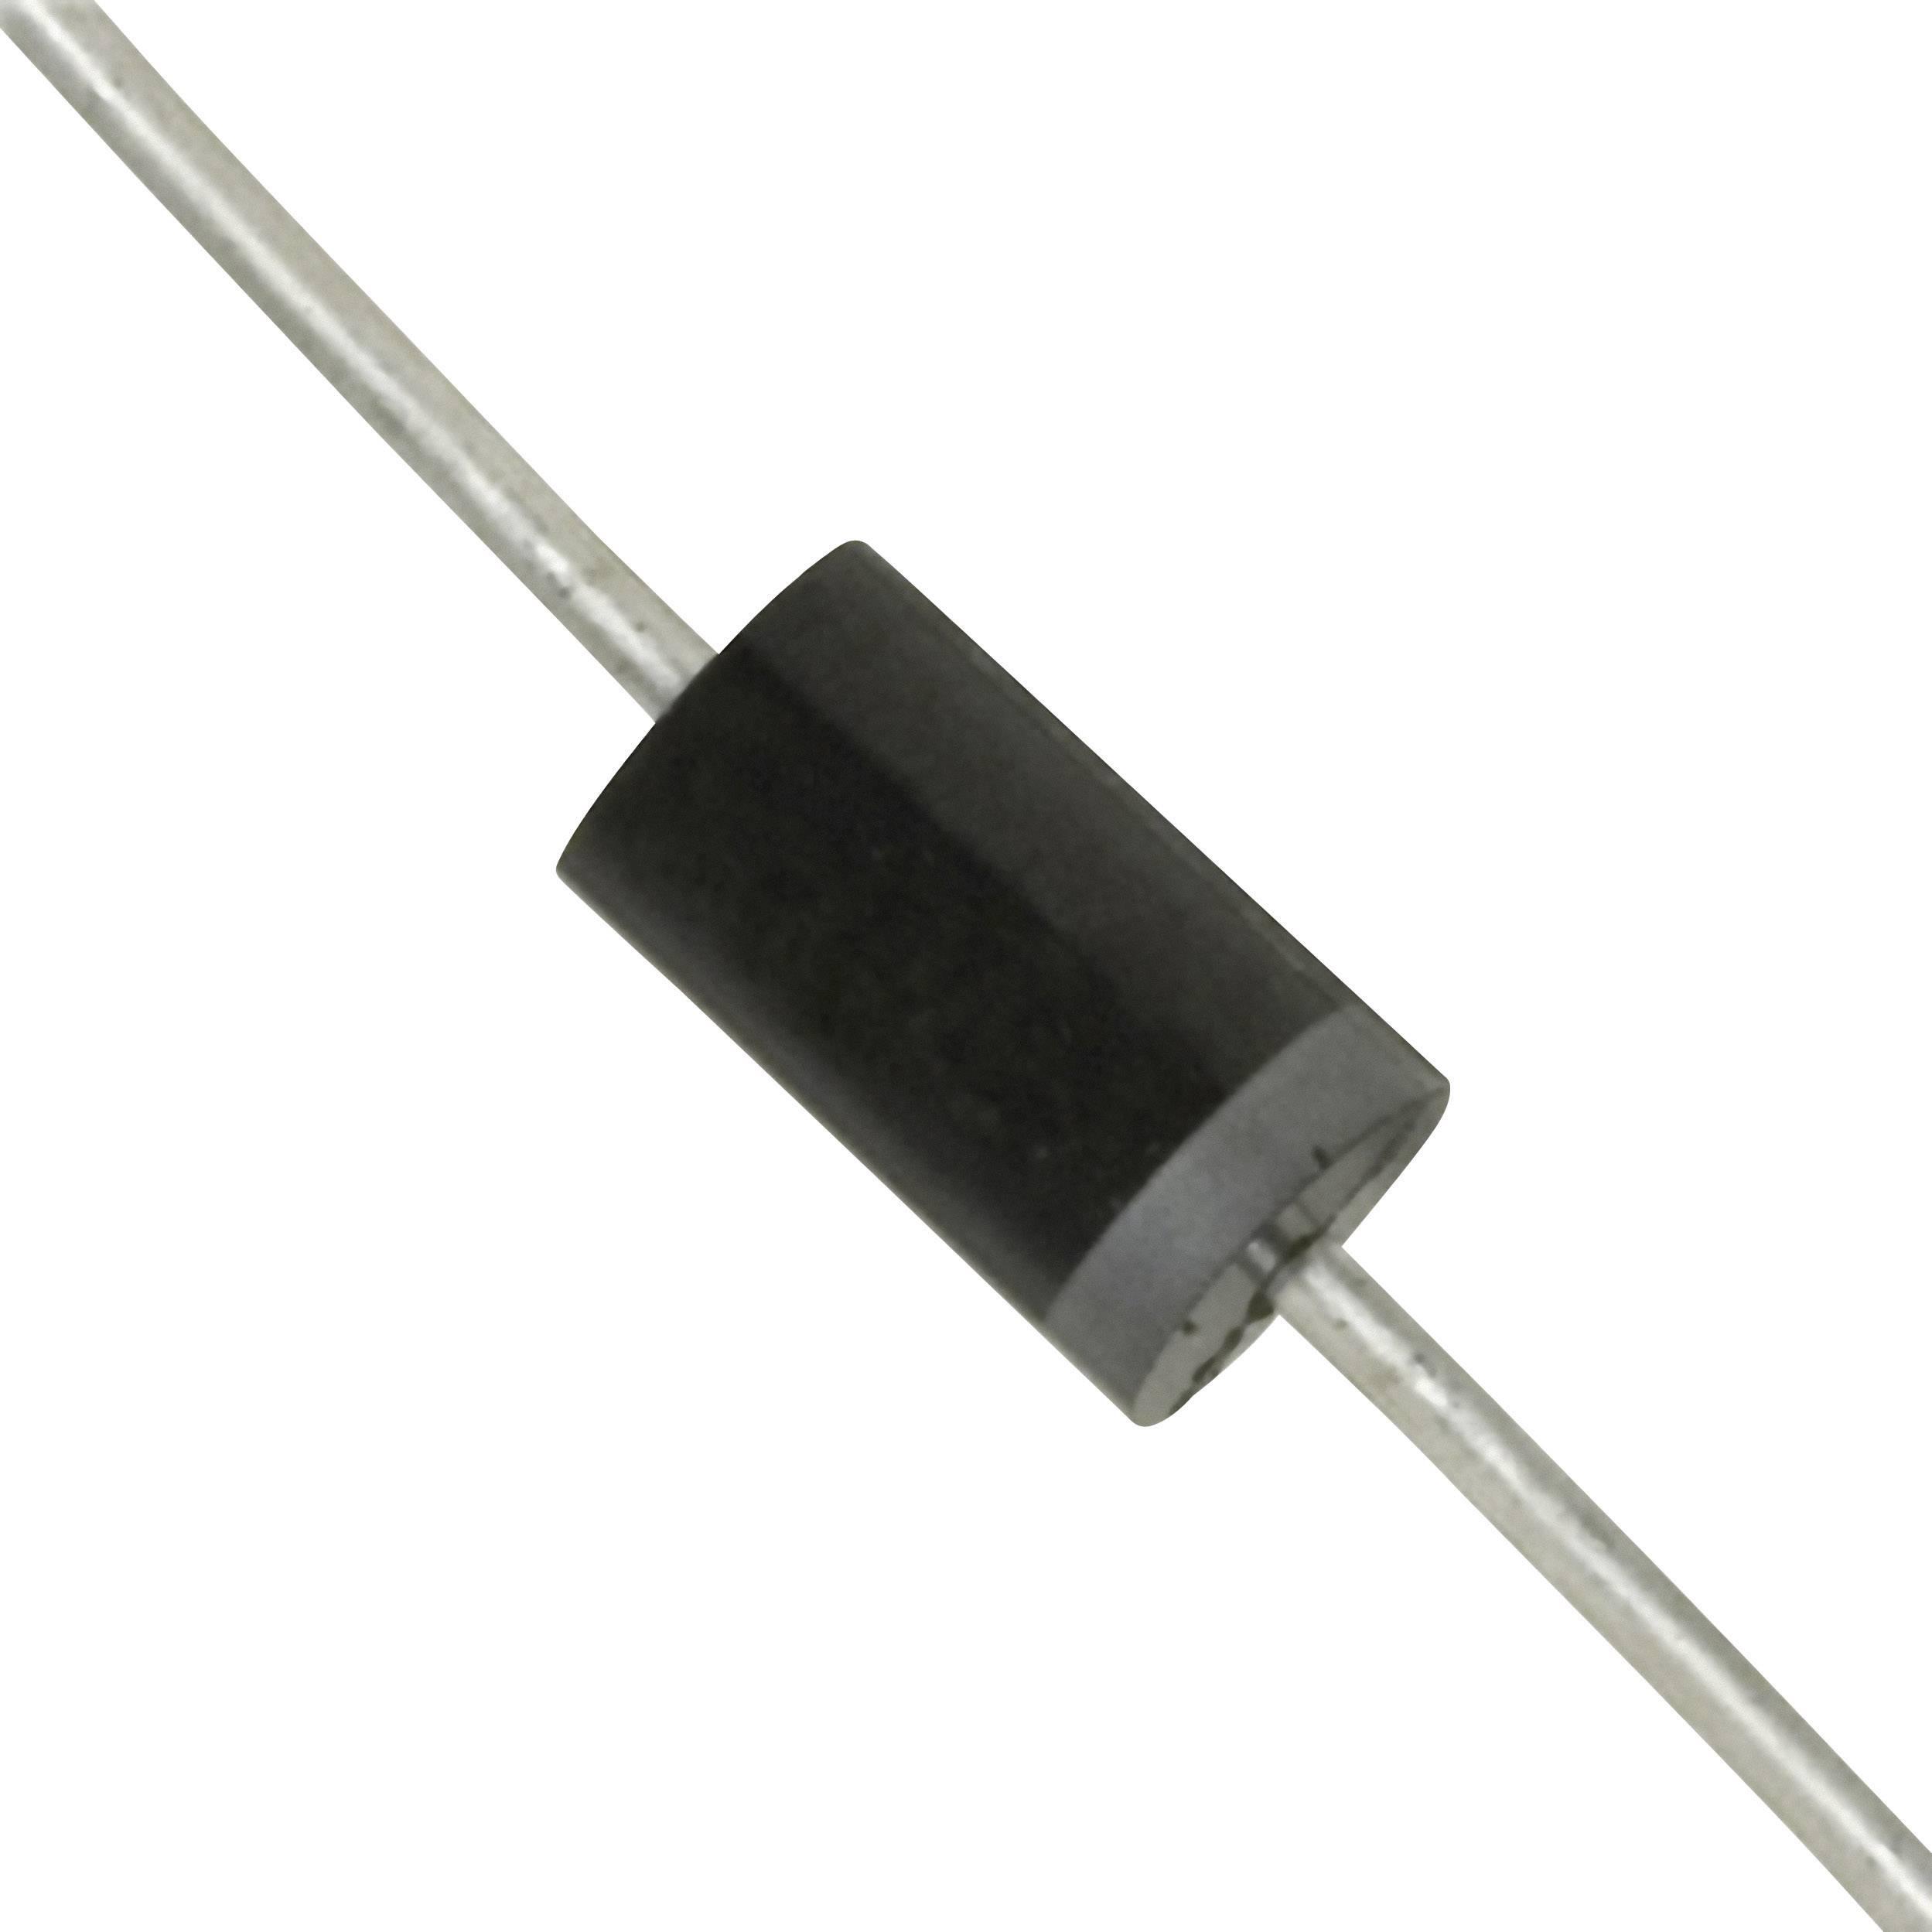 Zenerova dioda Diotec ZPD 15 V, 500 mW, DO 35 P